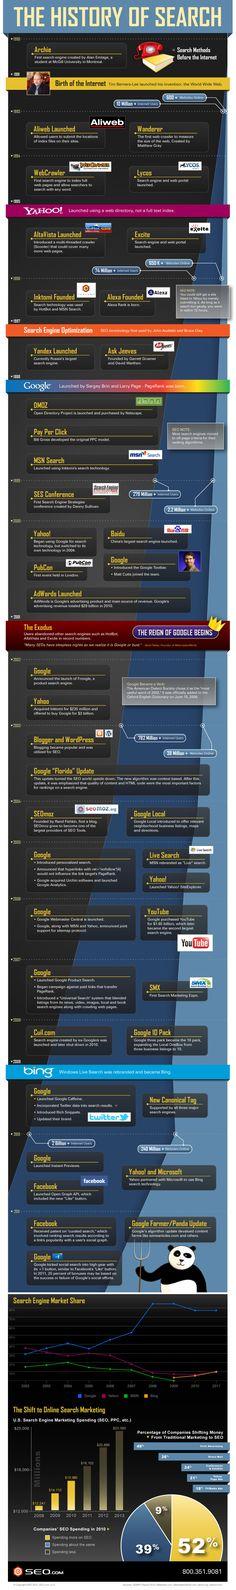 Die Geschichte der Internetsuche/ History of Search